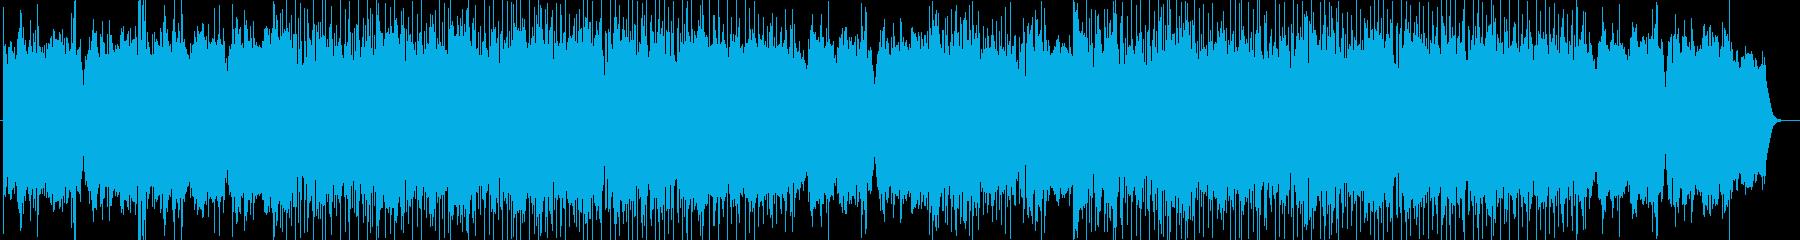 ビブラートとワウの主旋律が初夏をおもう曲の再生済みの波形